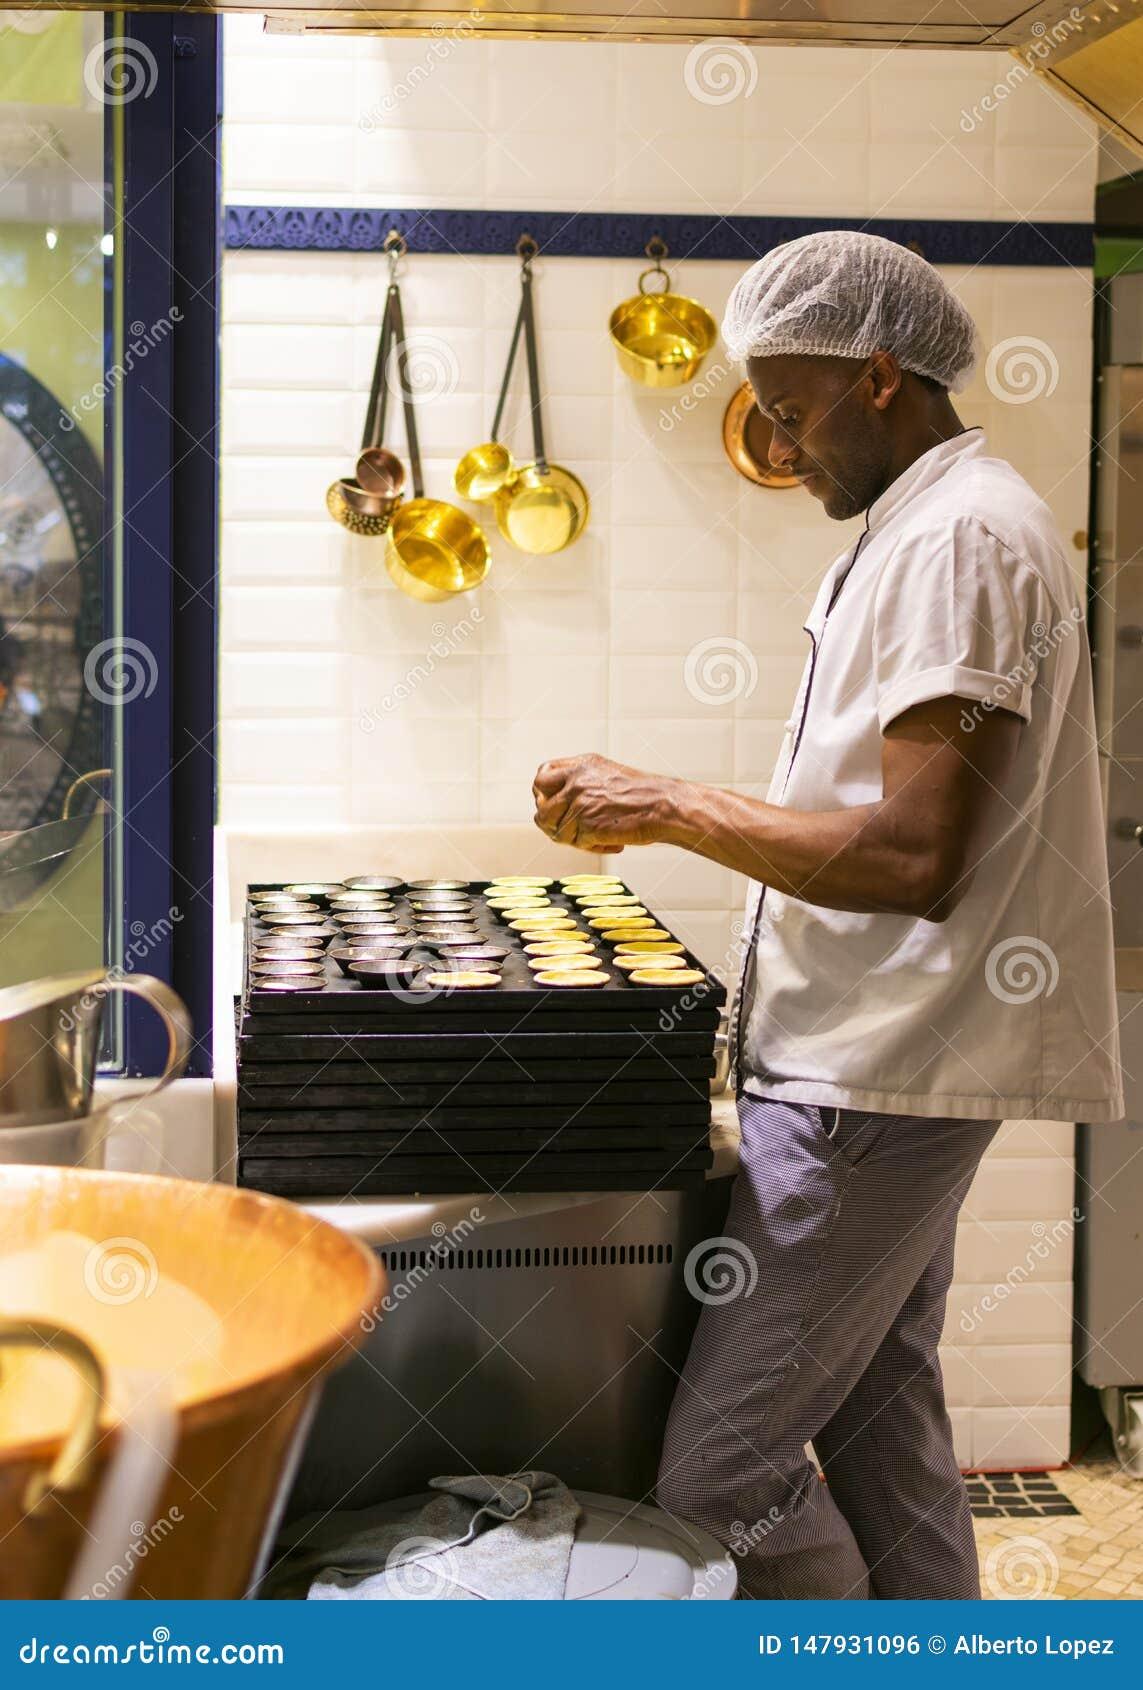 LISBOA, PORTUGAL - 17 DE ABRIL DE 2019: O cozinheiro chefe prepara pastelarias portuguesas tradicionais Cor pastel de Nata em Lis